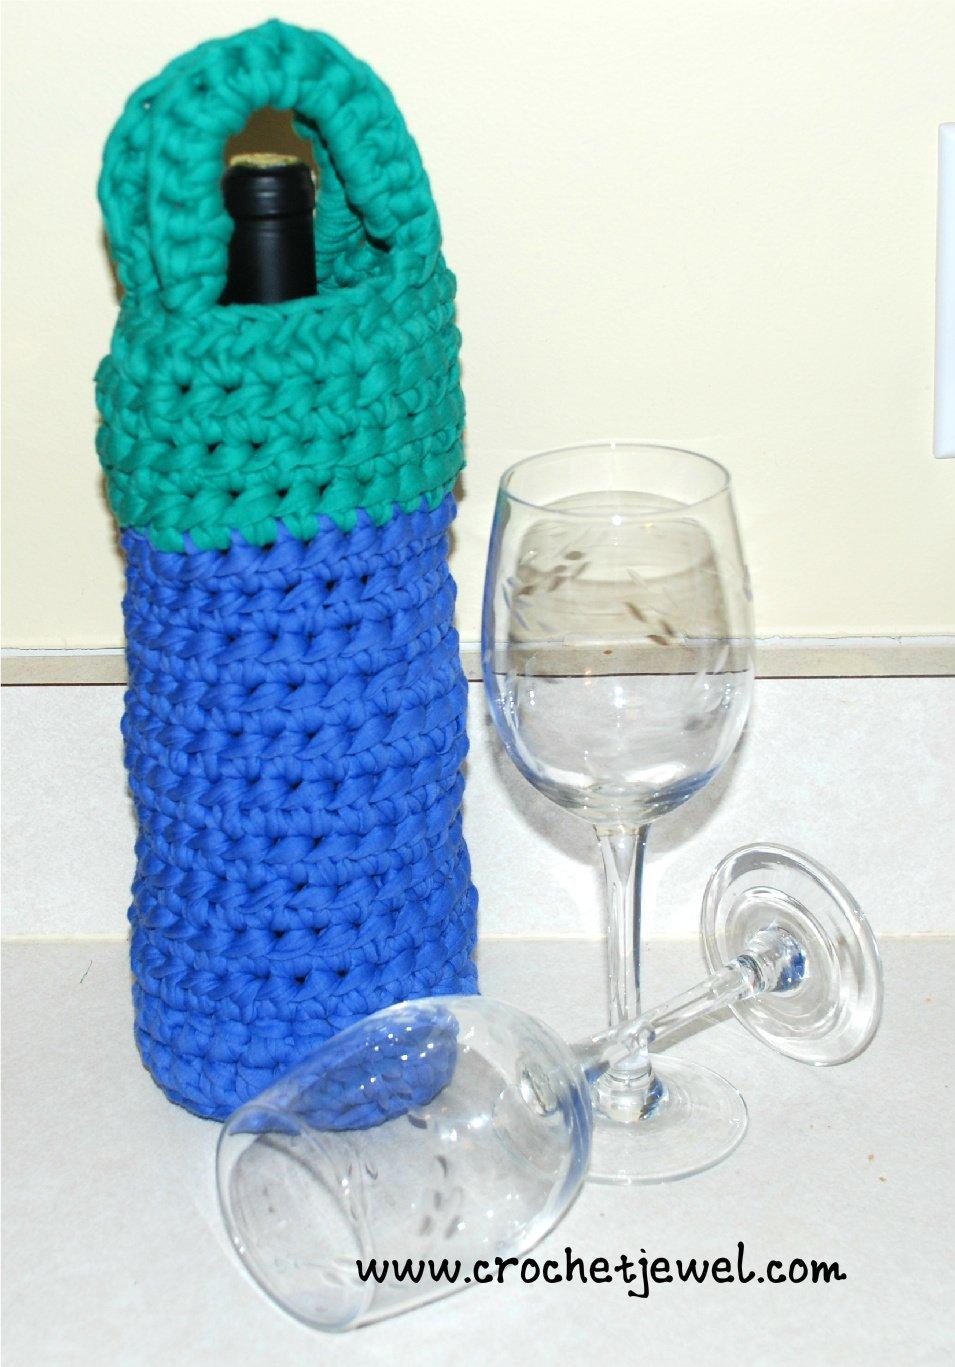 Crochet Fettuccini Yarn Wine Holder ~ Amy - Crochet Jewel